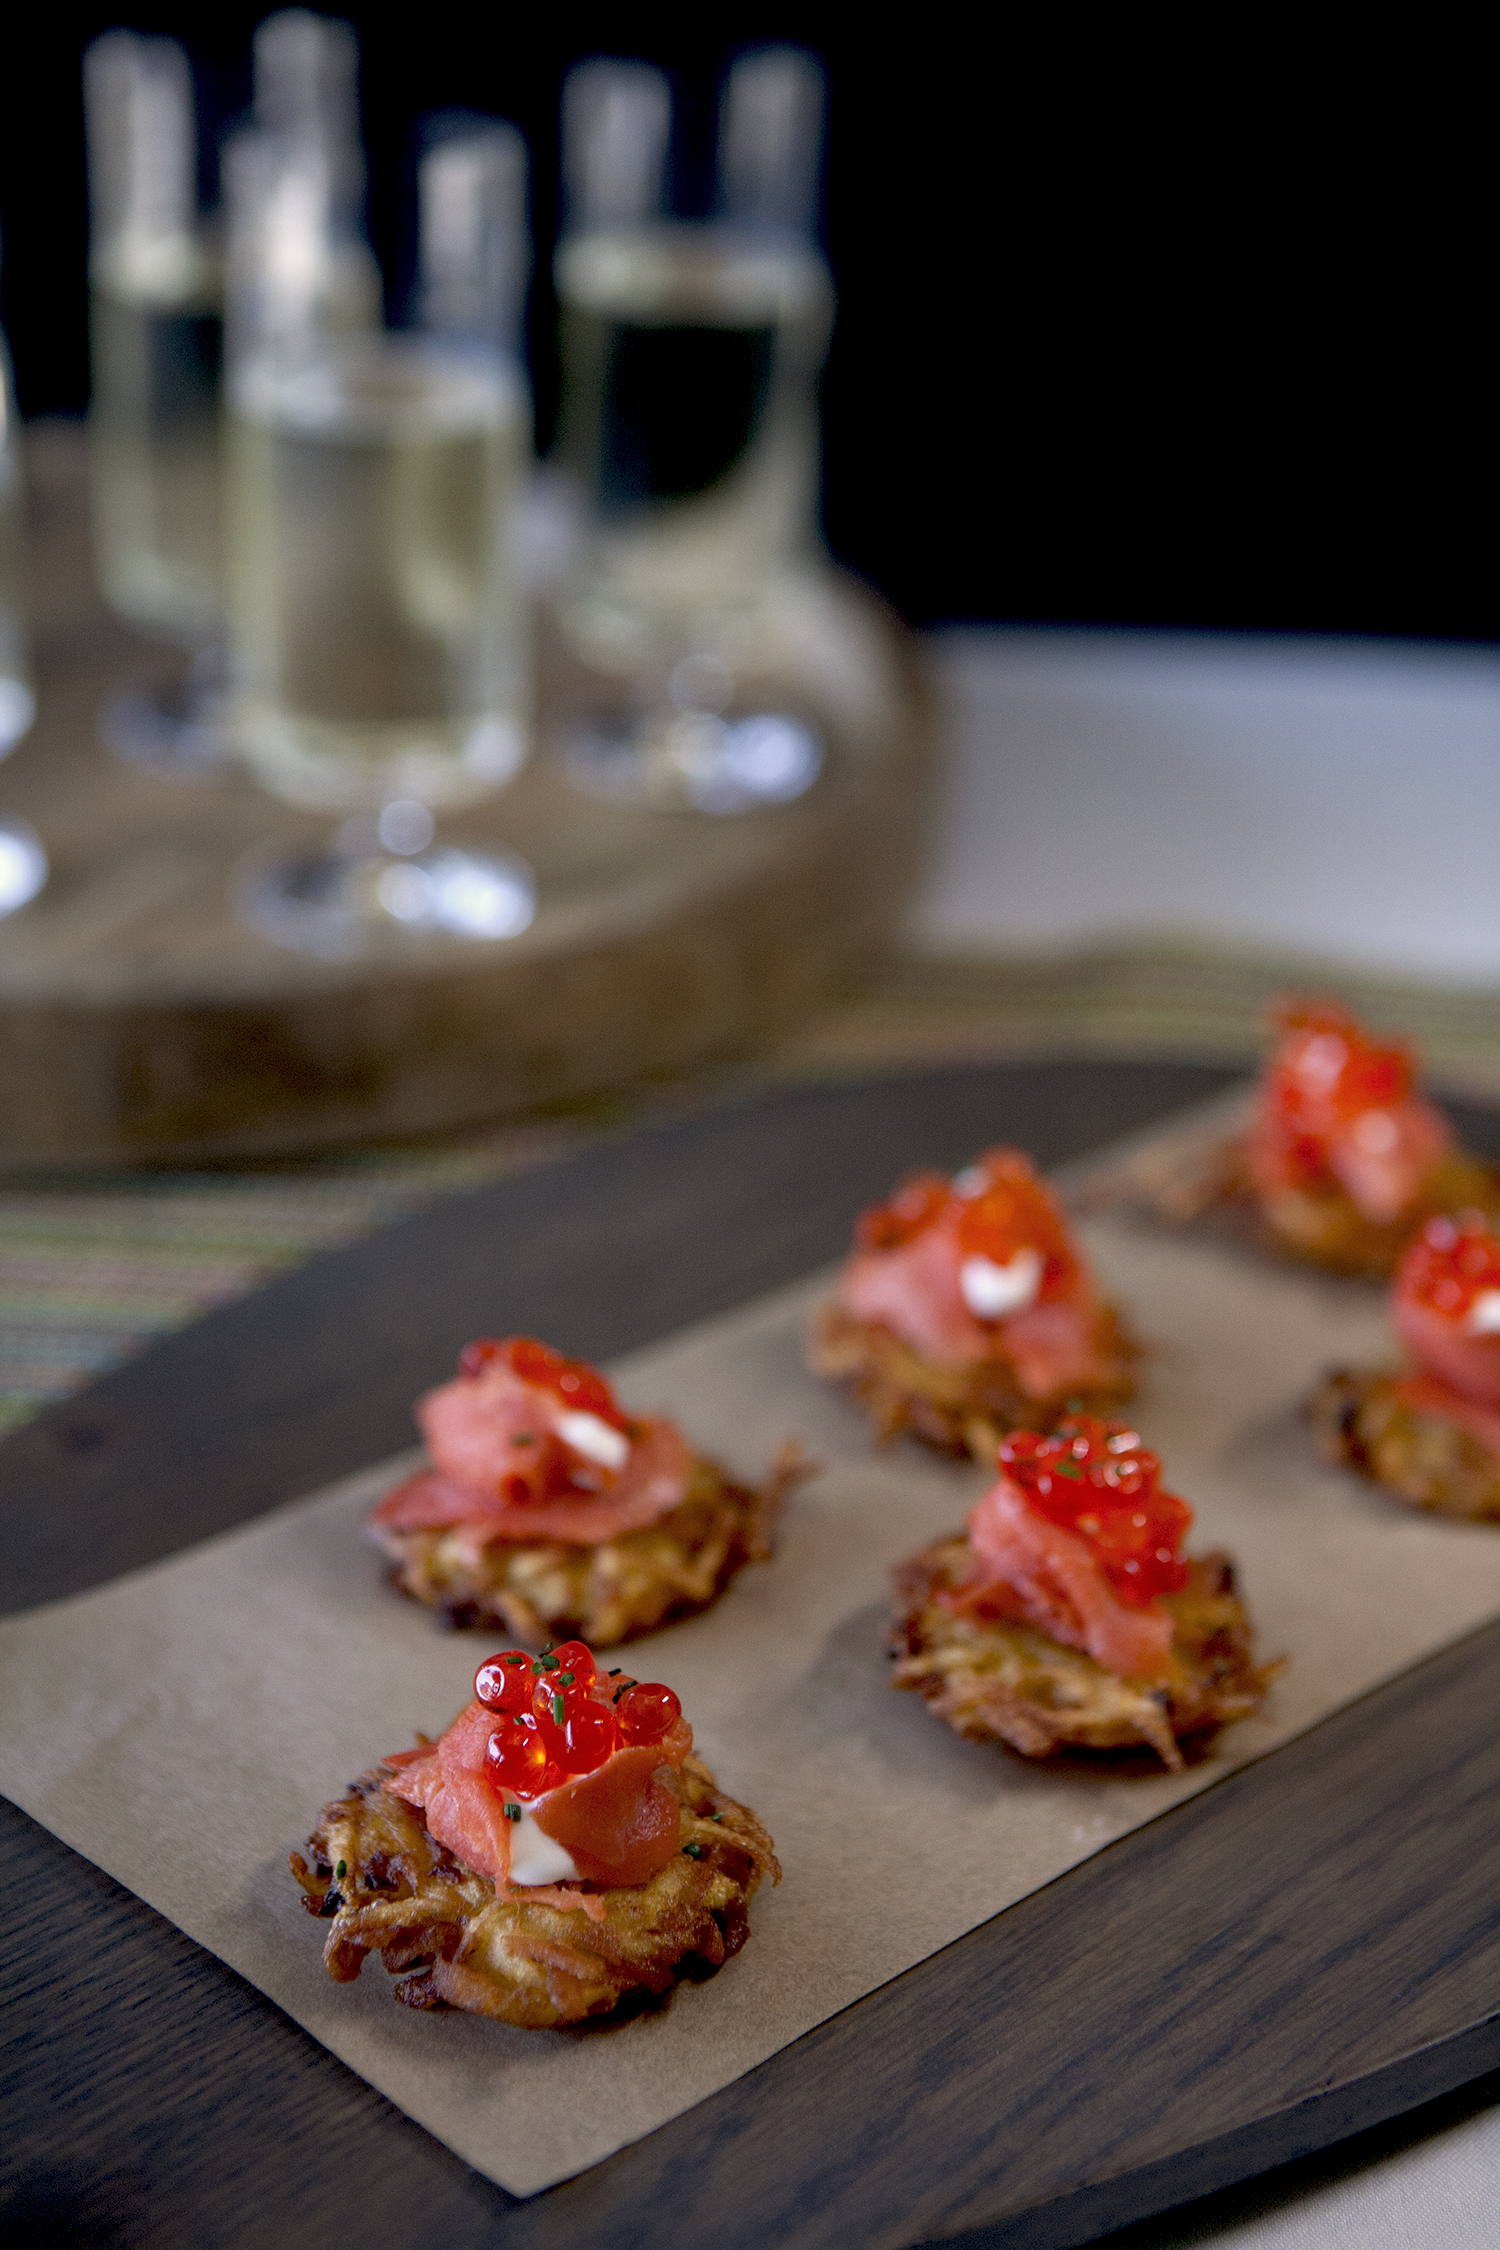 Potato Latkes with Smoked Salmon, Salmon Roe and Creme Fraiche